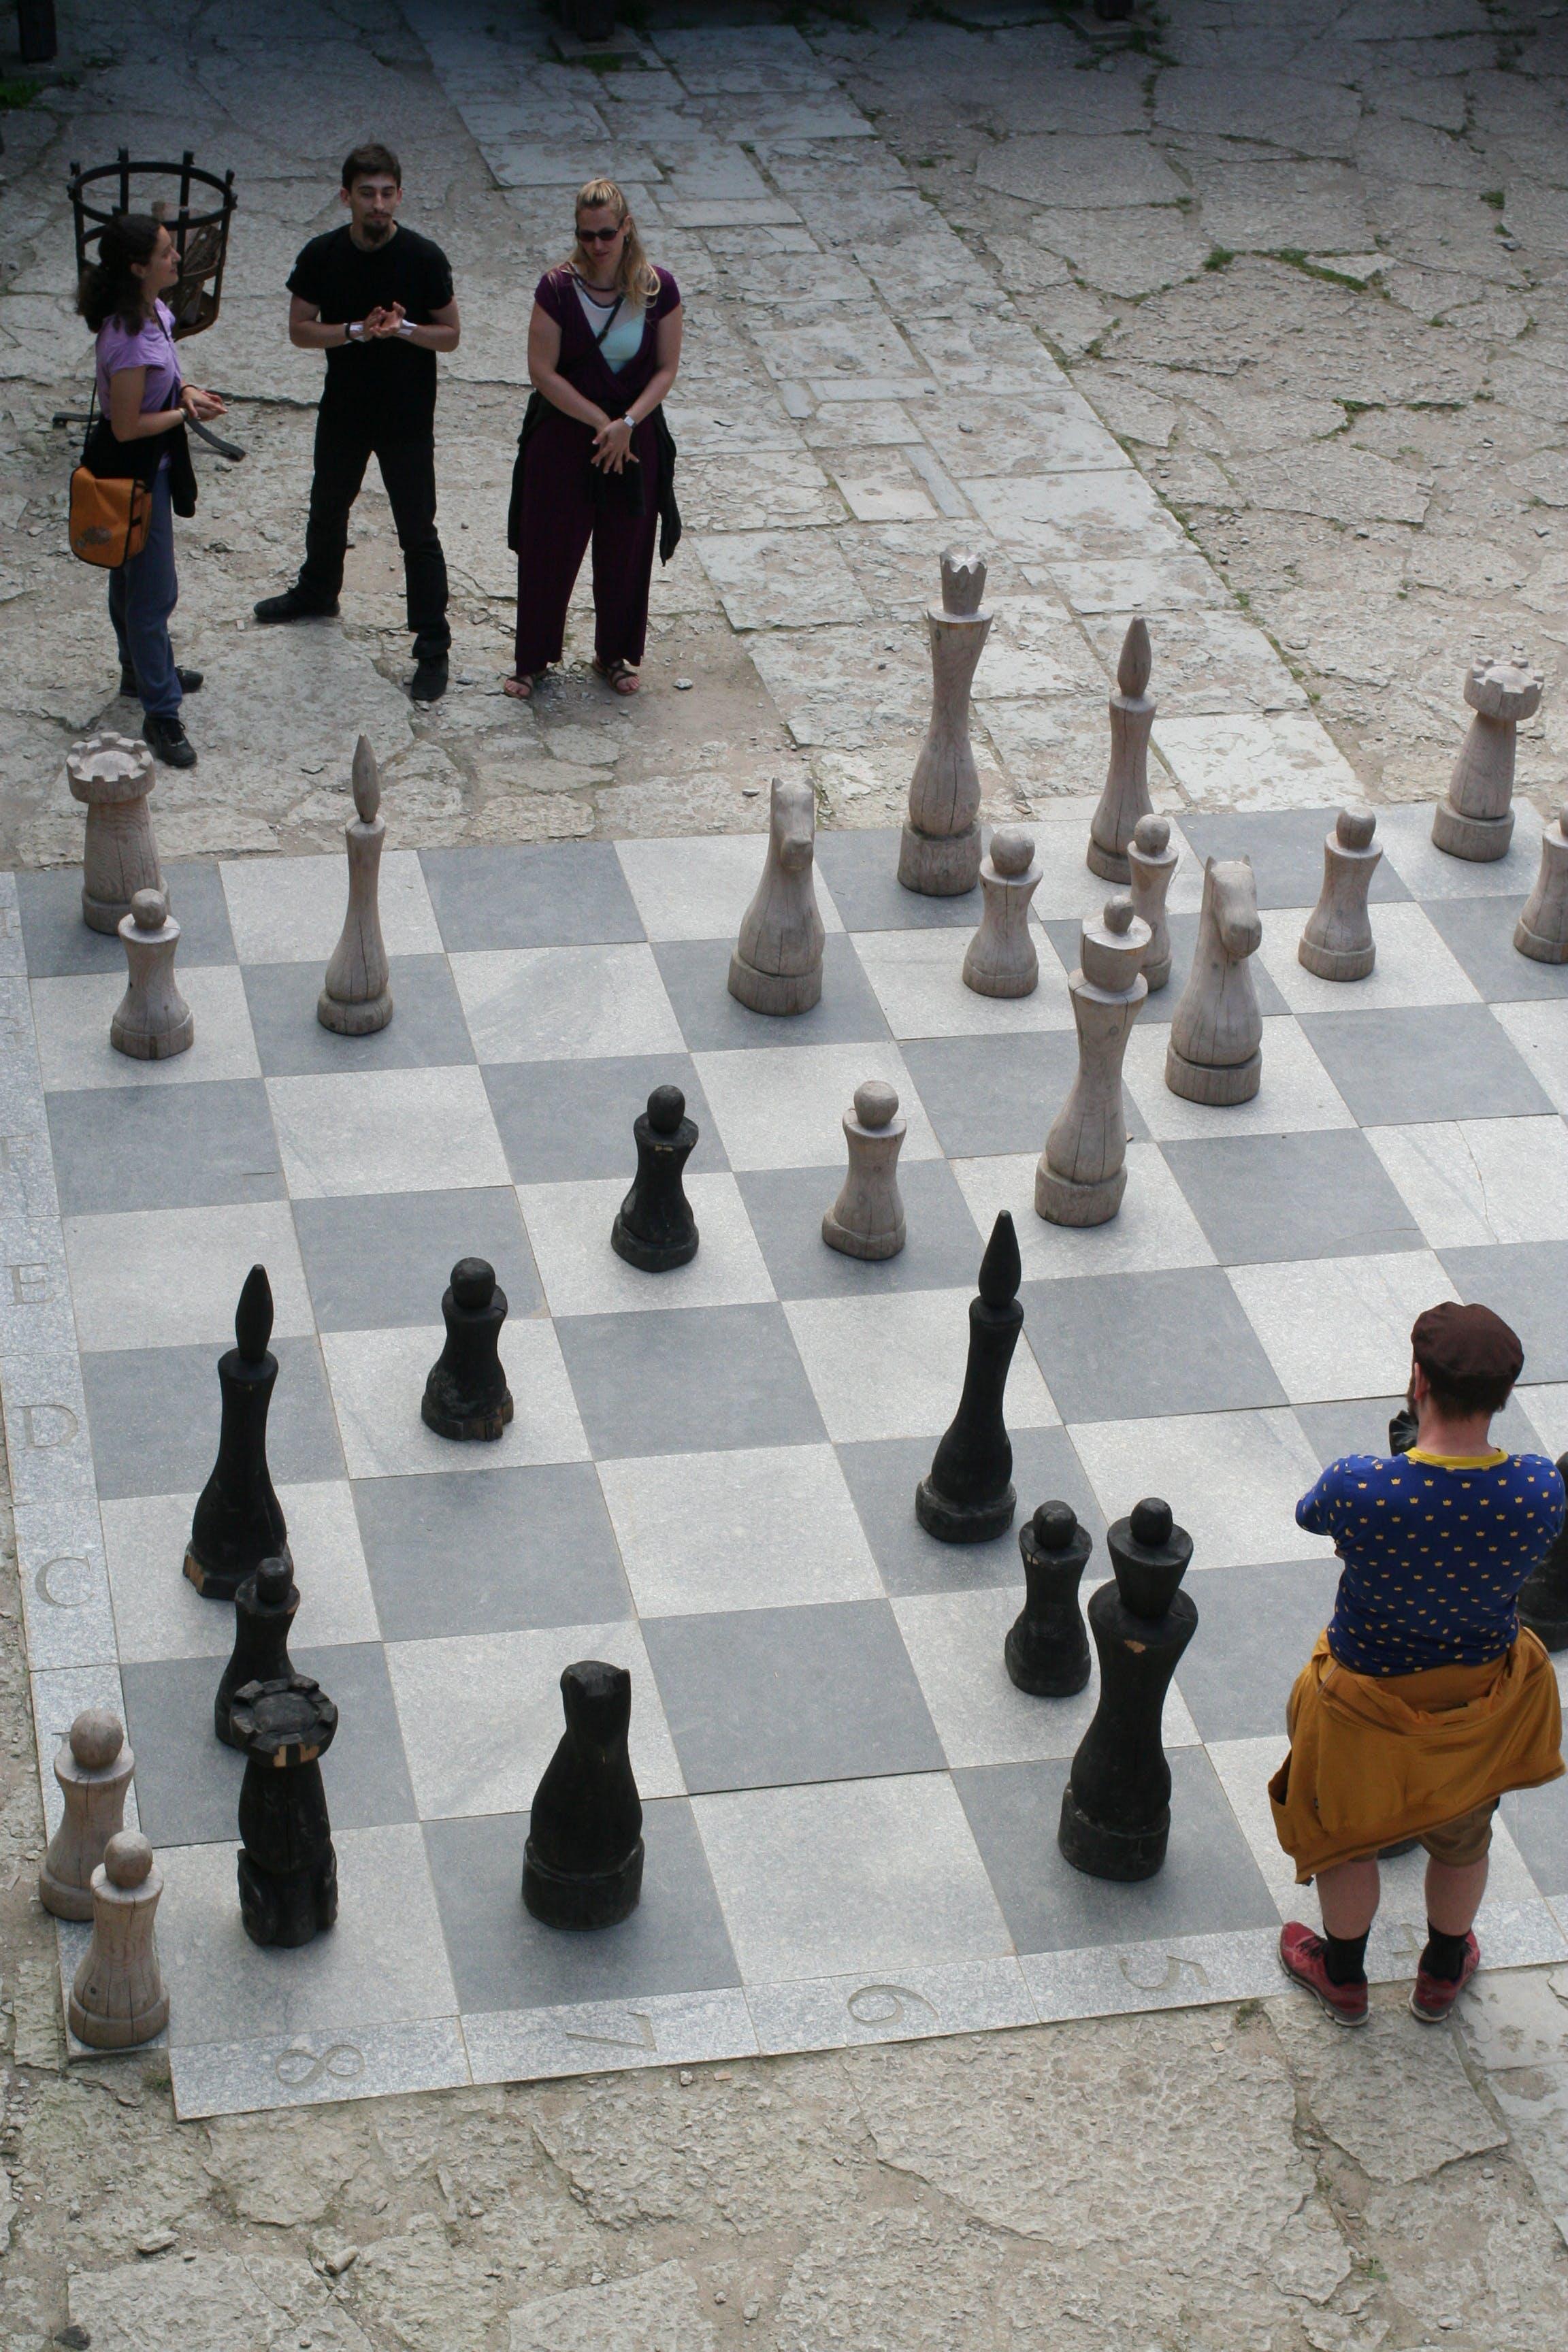 Fotos de stock gratuitas de ajedrez